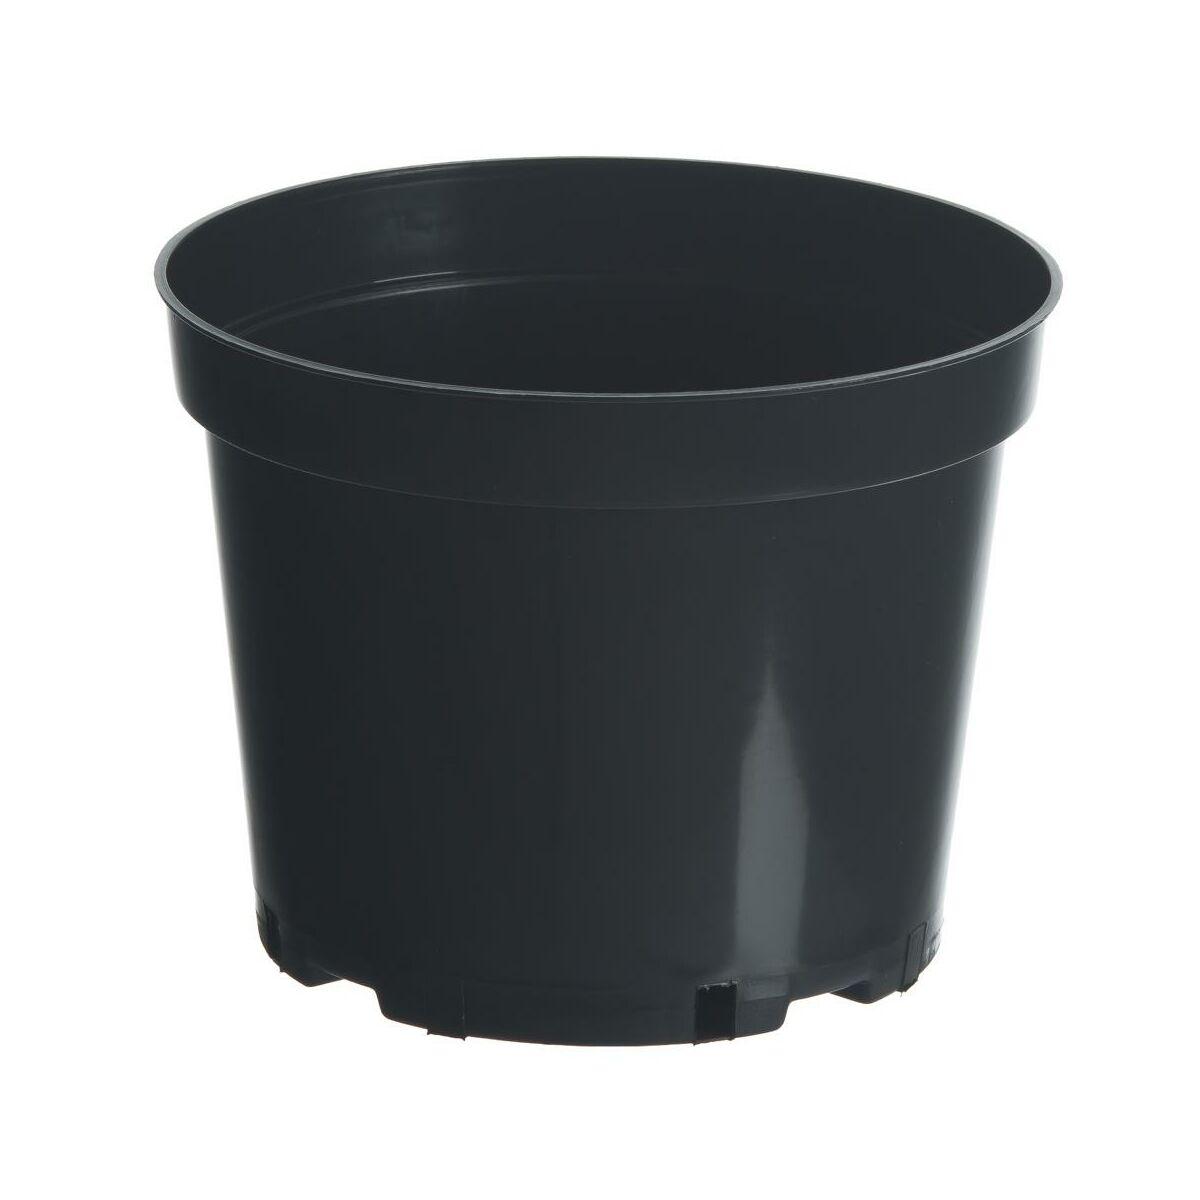 Doniczka Plastikowa 25 Cm Czarna 75 L Rim Kowalczyk